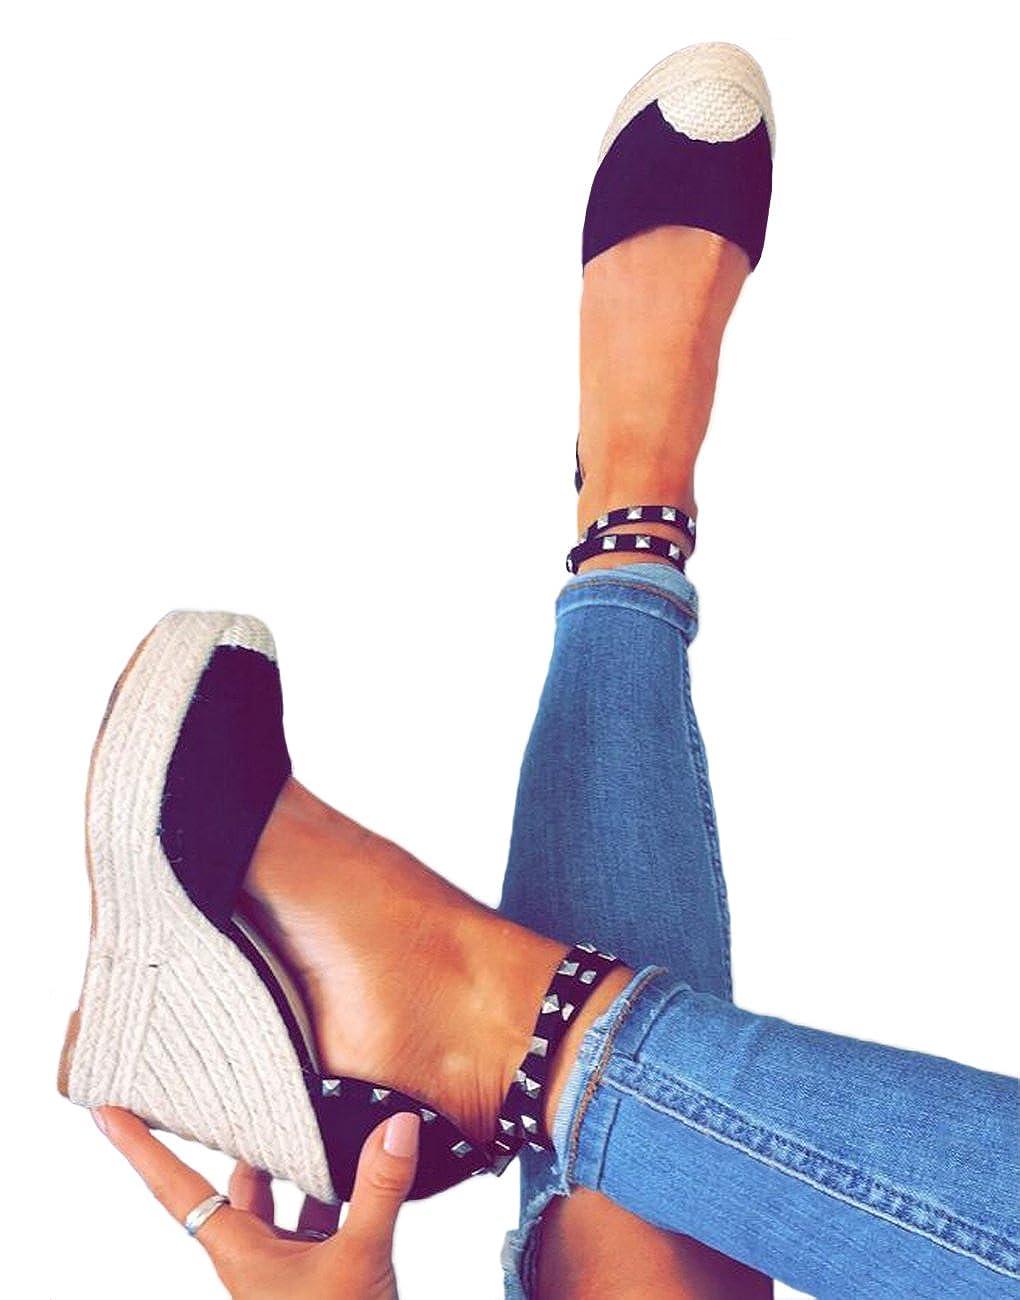 Minetom Sandali Romani Donna Estivo Eleganti Tacco Zeppa Espadrillas Caviglia Rivetto Benda Moda Casual Sexy High Heels Sandals  Nero